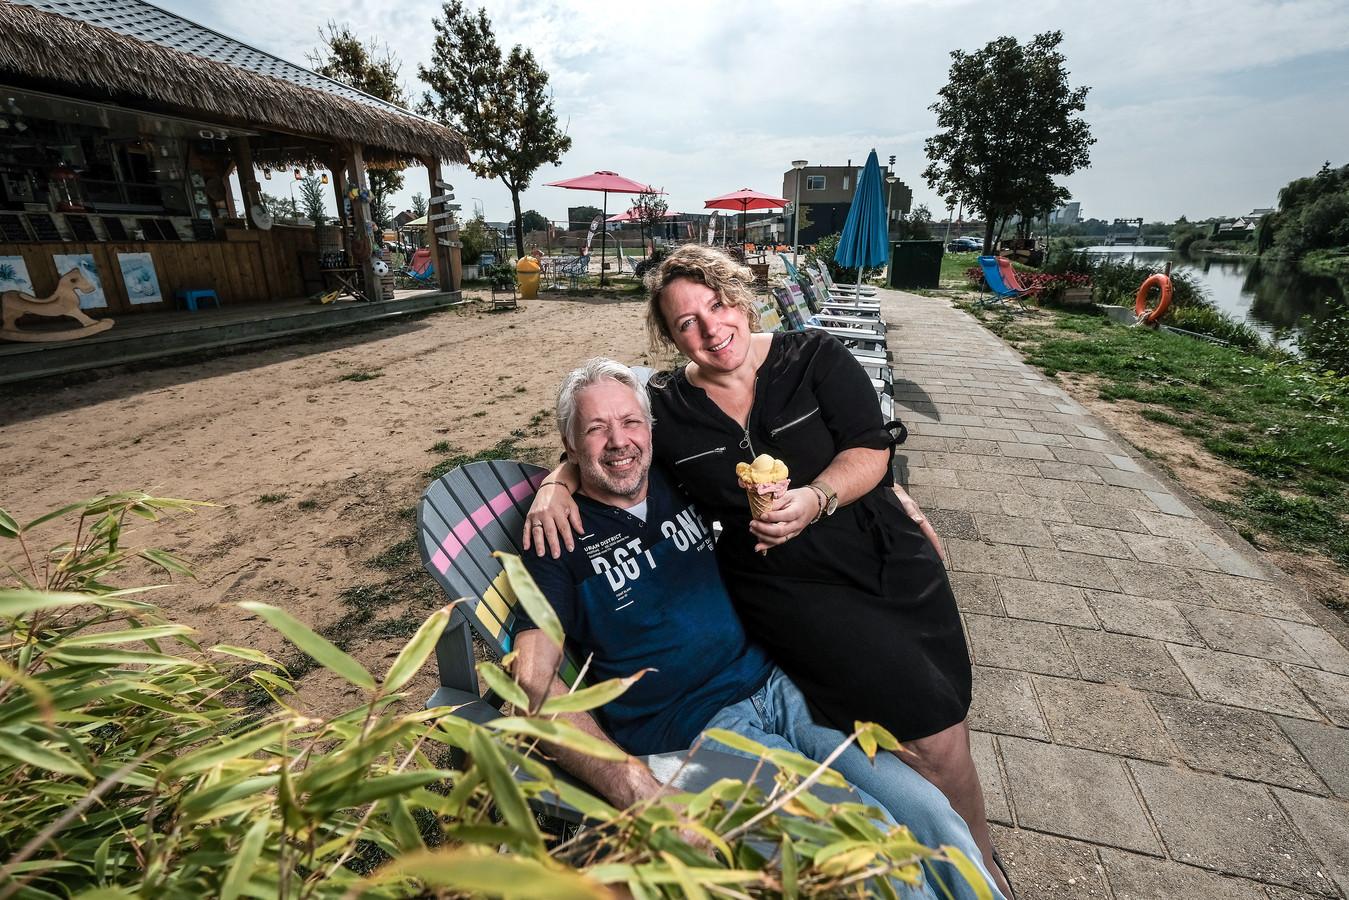 Frank en Tania Stronks bij ijskiosk Lido aan de oever van de Oude IJssel. Foto: Jan van den Brink